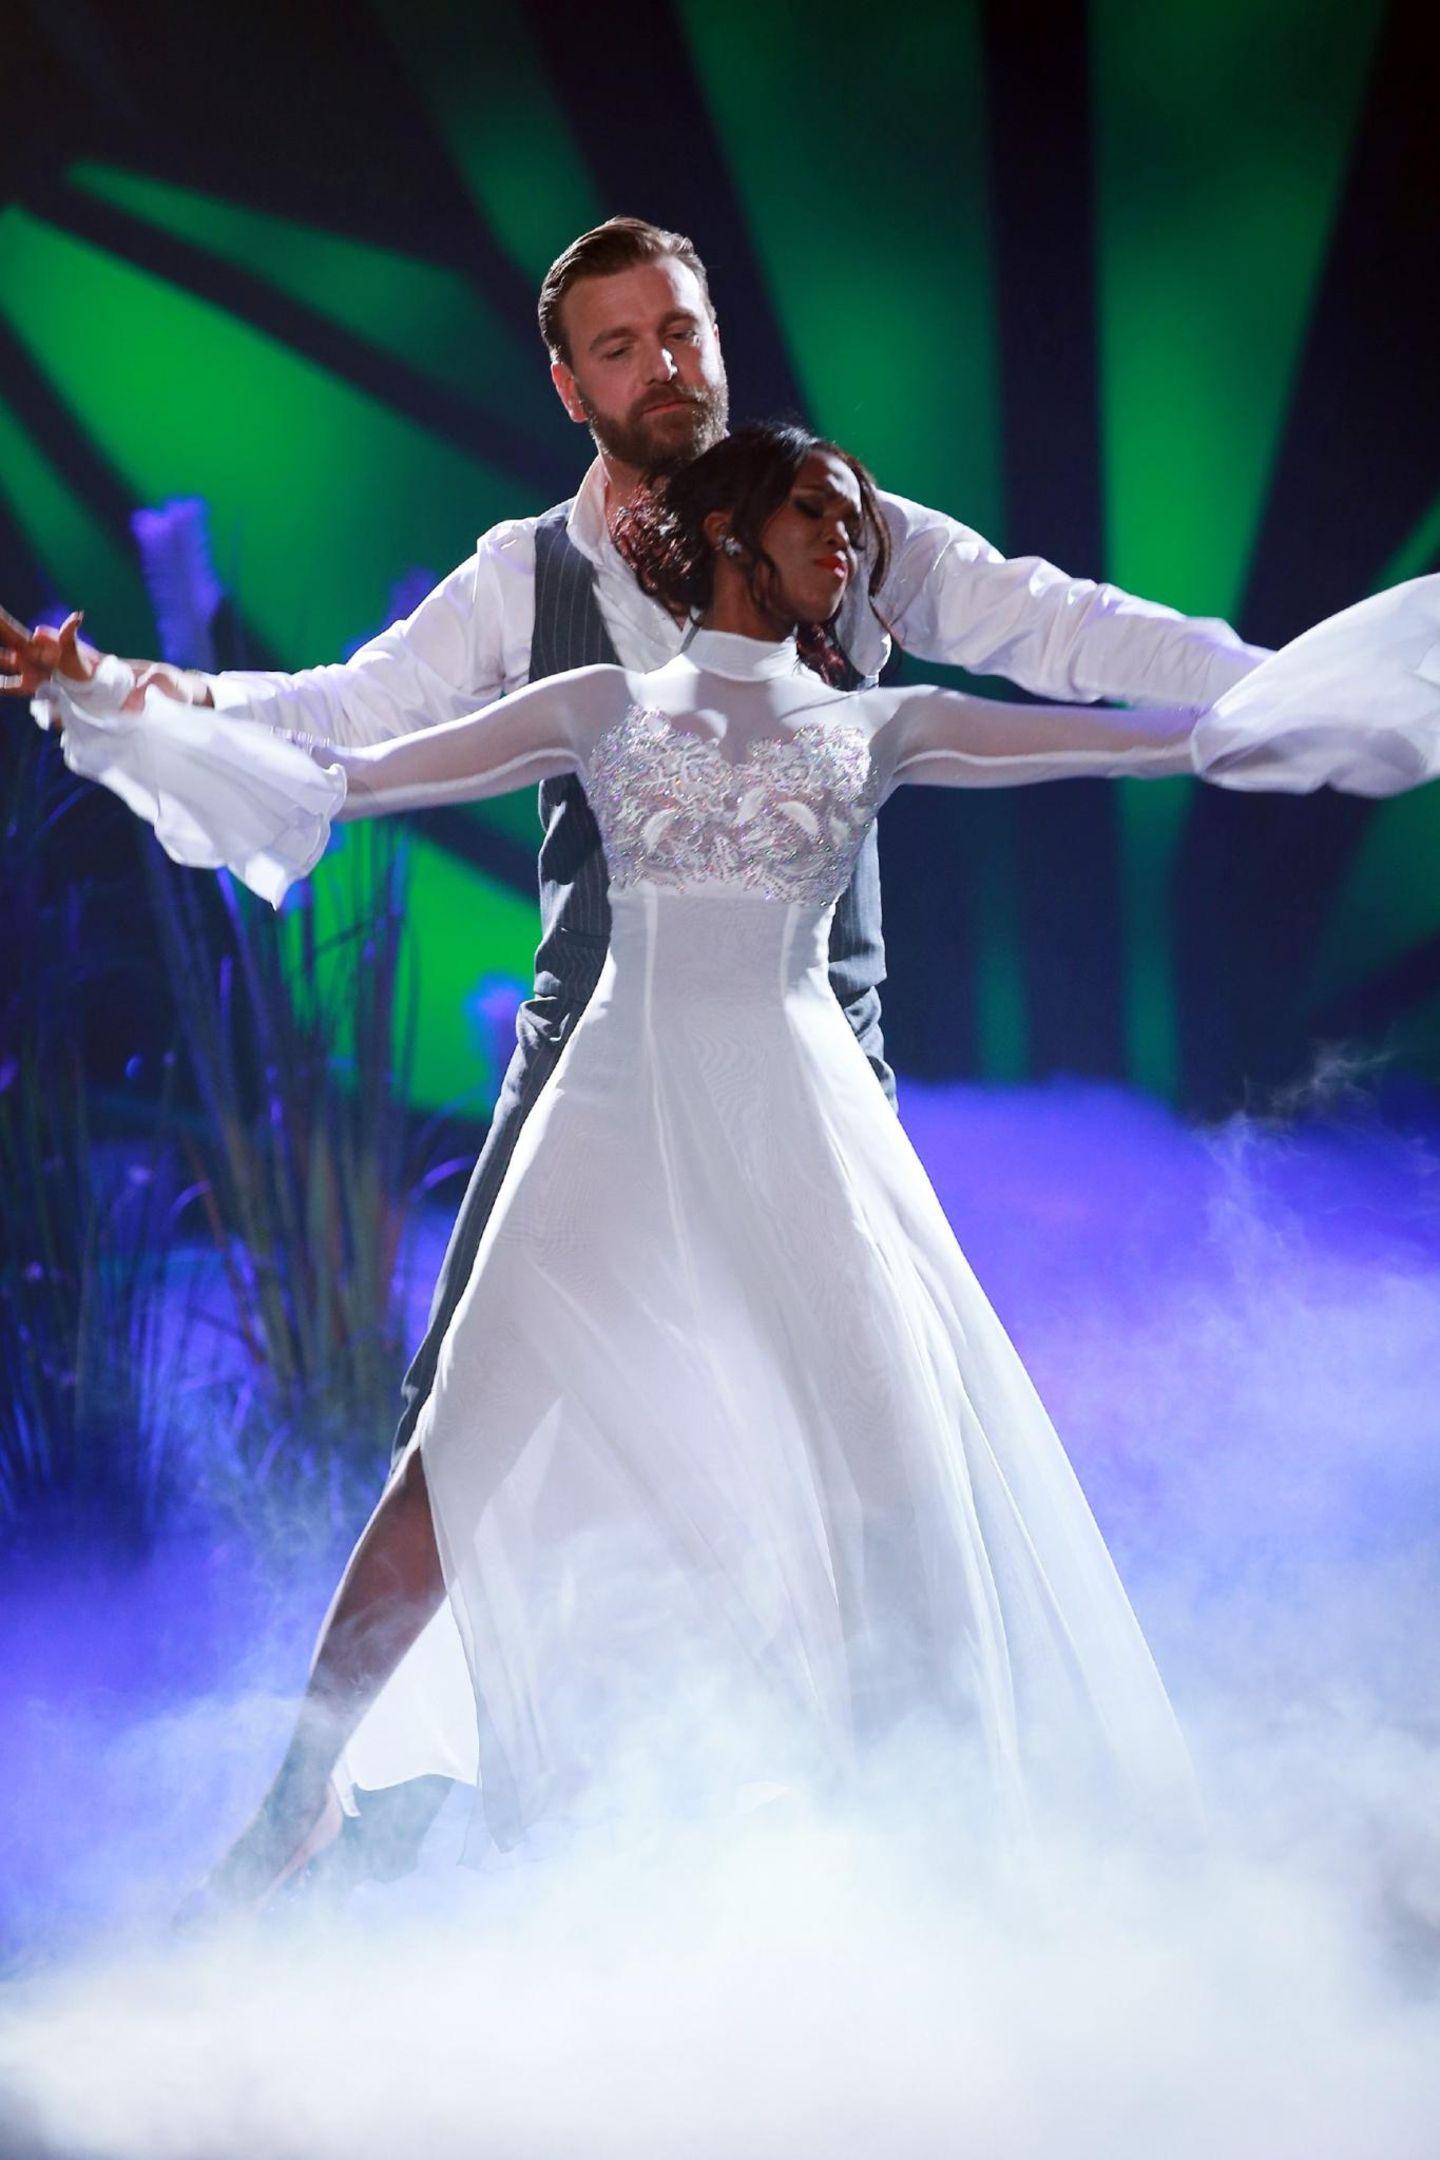 Let's Dance 2016: Niels Ruf sorgt nicht nur mit seiner großen Klappe für Gesprächsstoff. Auch sein tänzerisches Talent fällt bei den Juroren durch. Da kann auch Profi-Tänzerin Oti Mabuse nicht mehr helfen. Tschüß heißt es in Show Nummer 2.